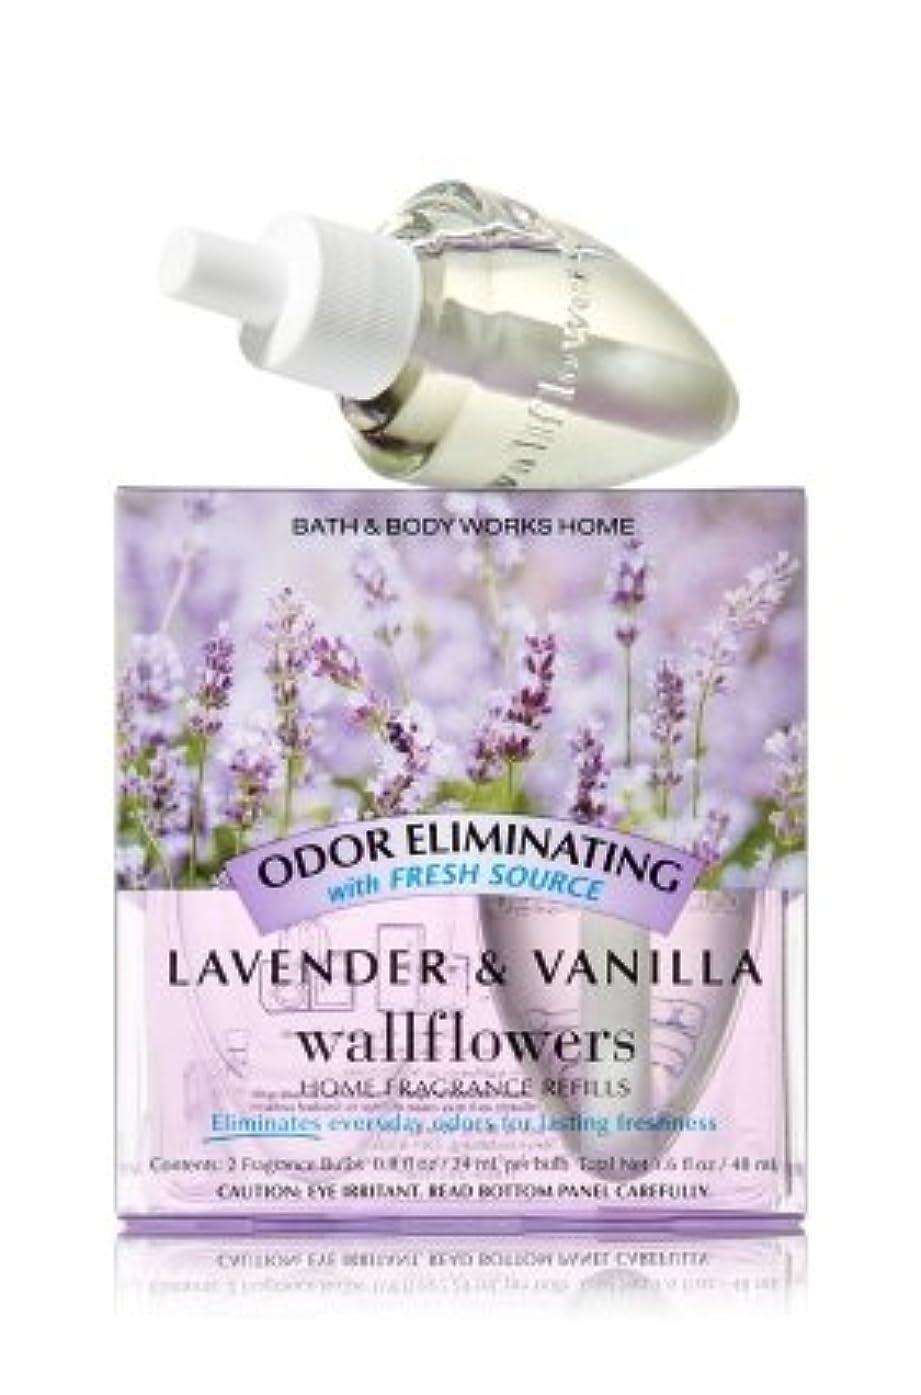 安定しました揮発性外科医Bath & Body Works(バス&ボディワークス)ラベンダー&バニラ ホームフレグランス レフィル2本セット(本体は別売りです)Wallflowers 2 Pack Refill [並行輸入品]